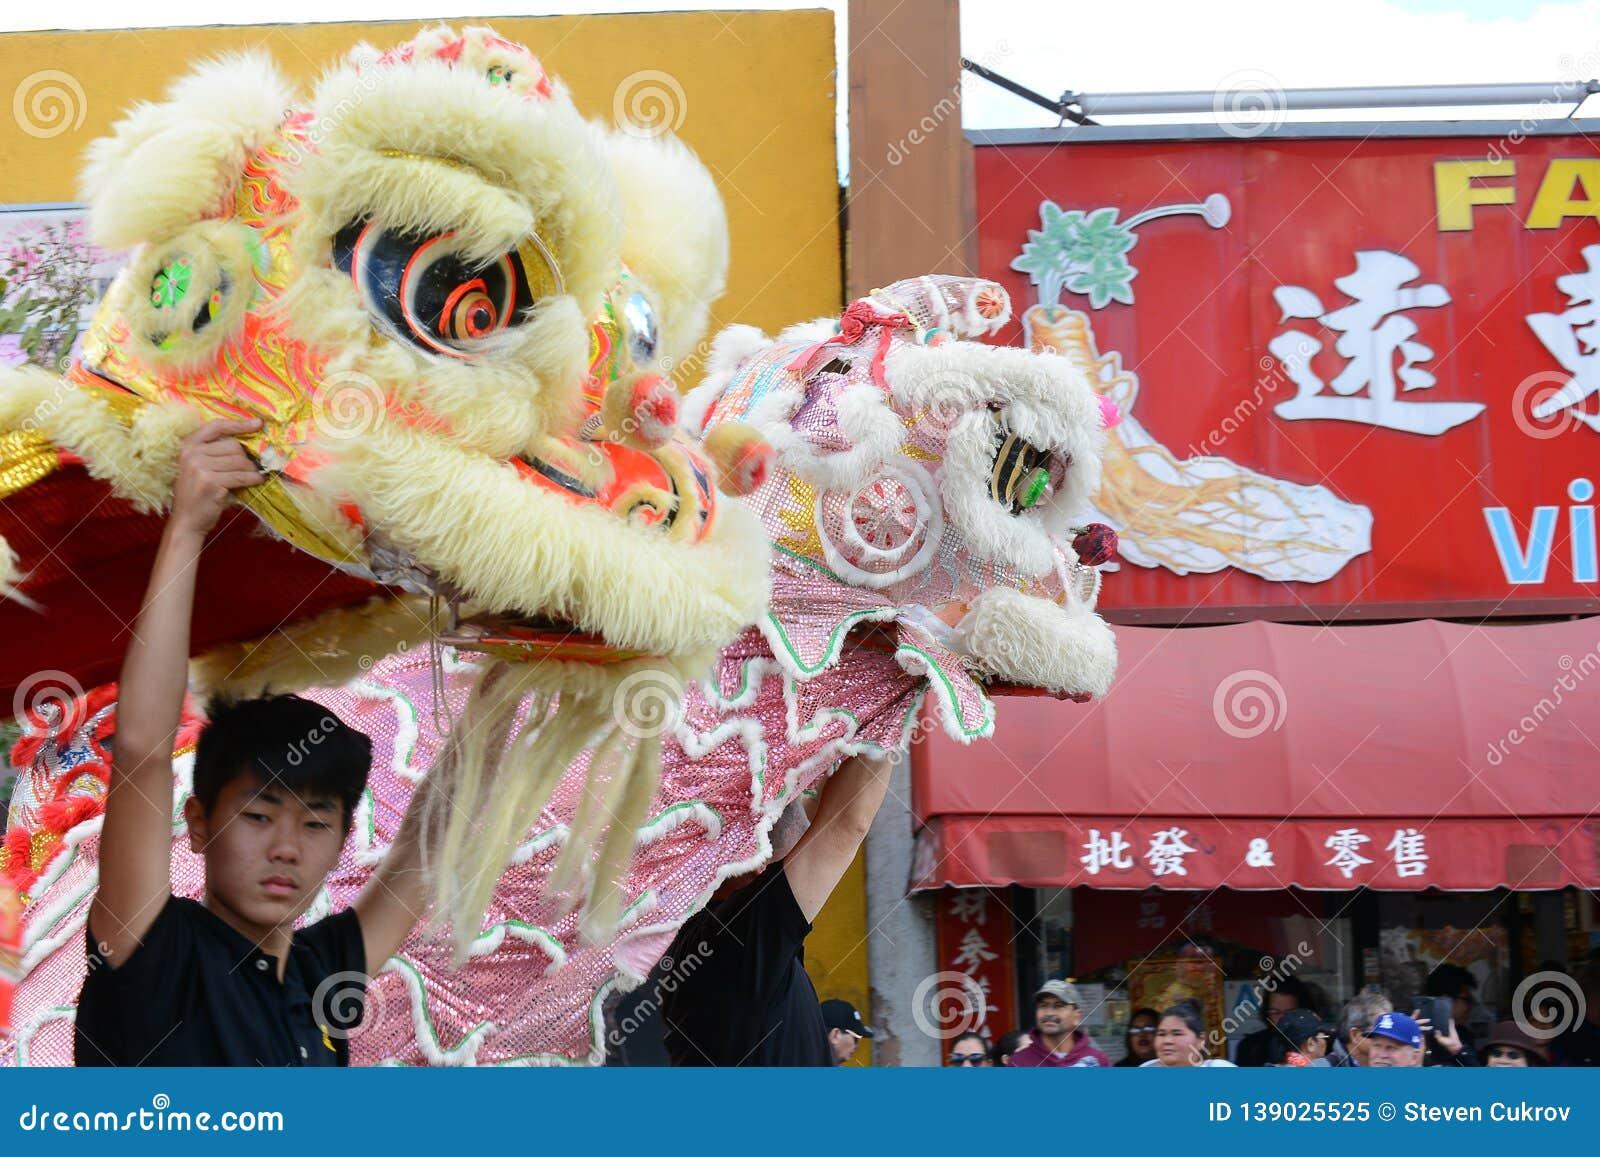 Dos dragones en Dragon Parade de oro, celebrando el Año Nuevo chino